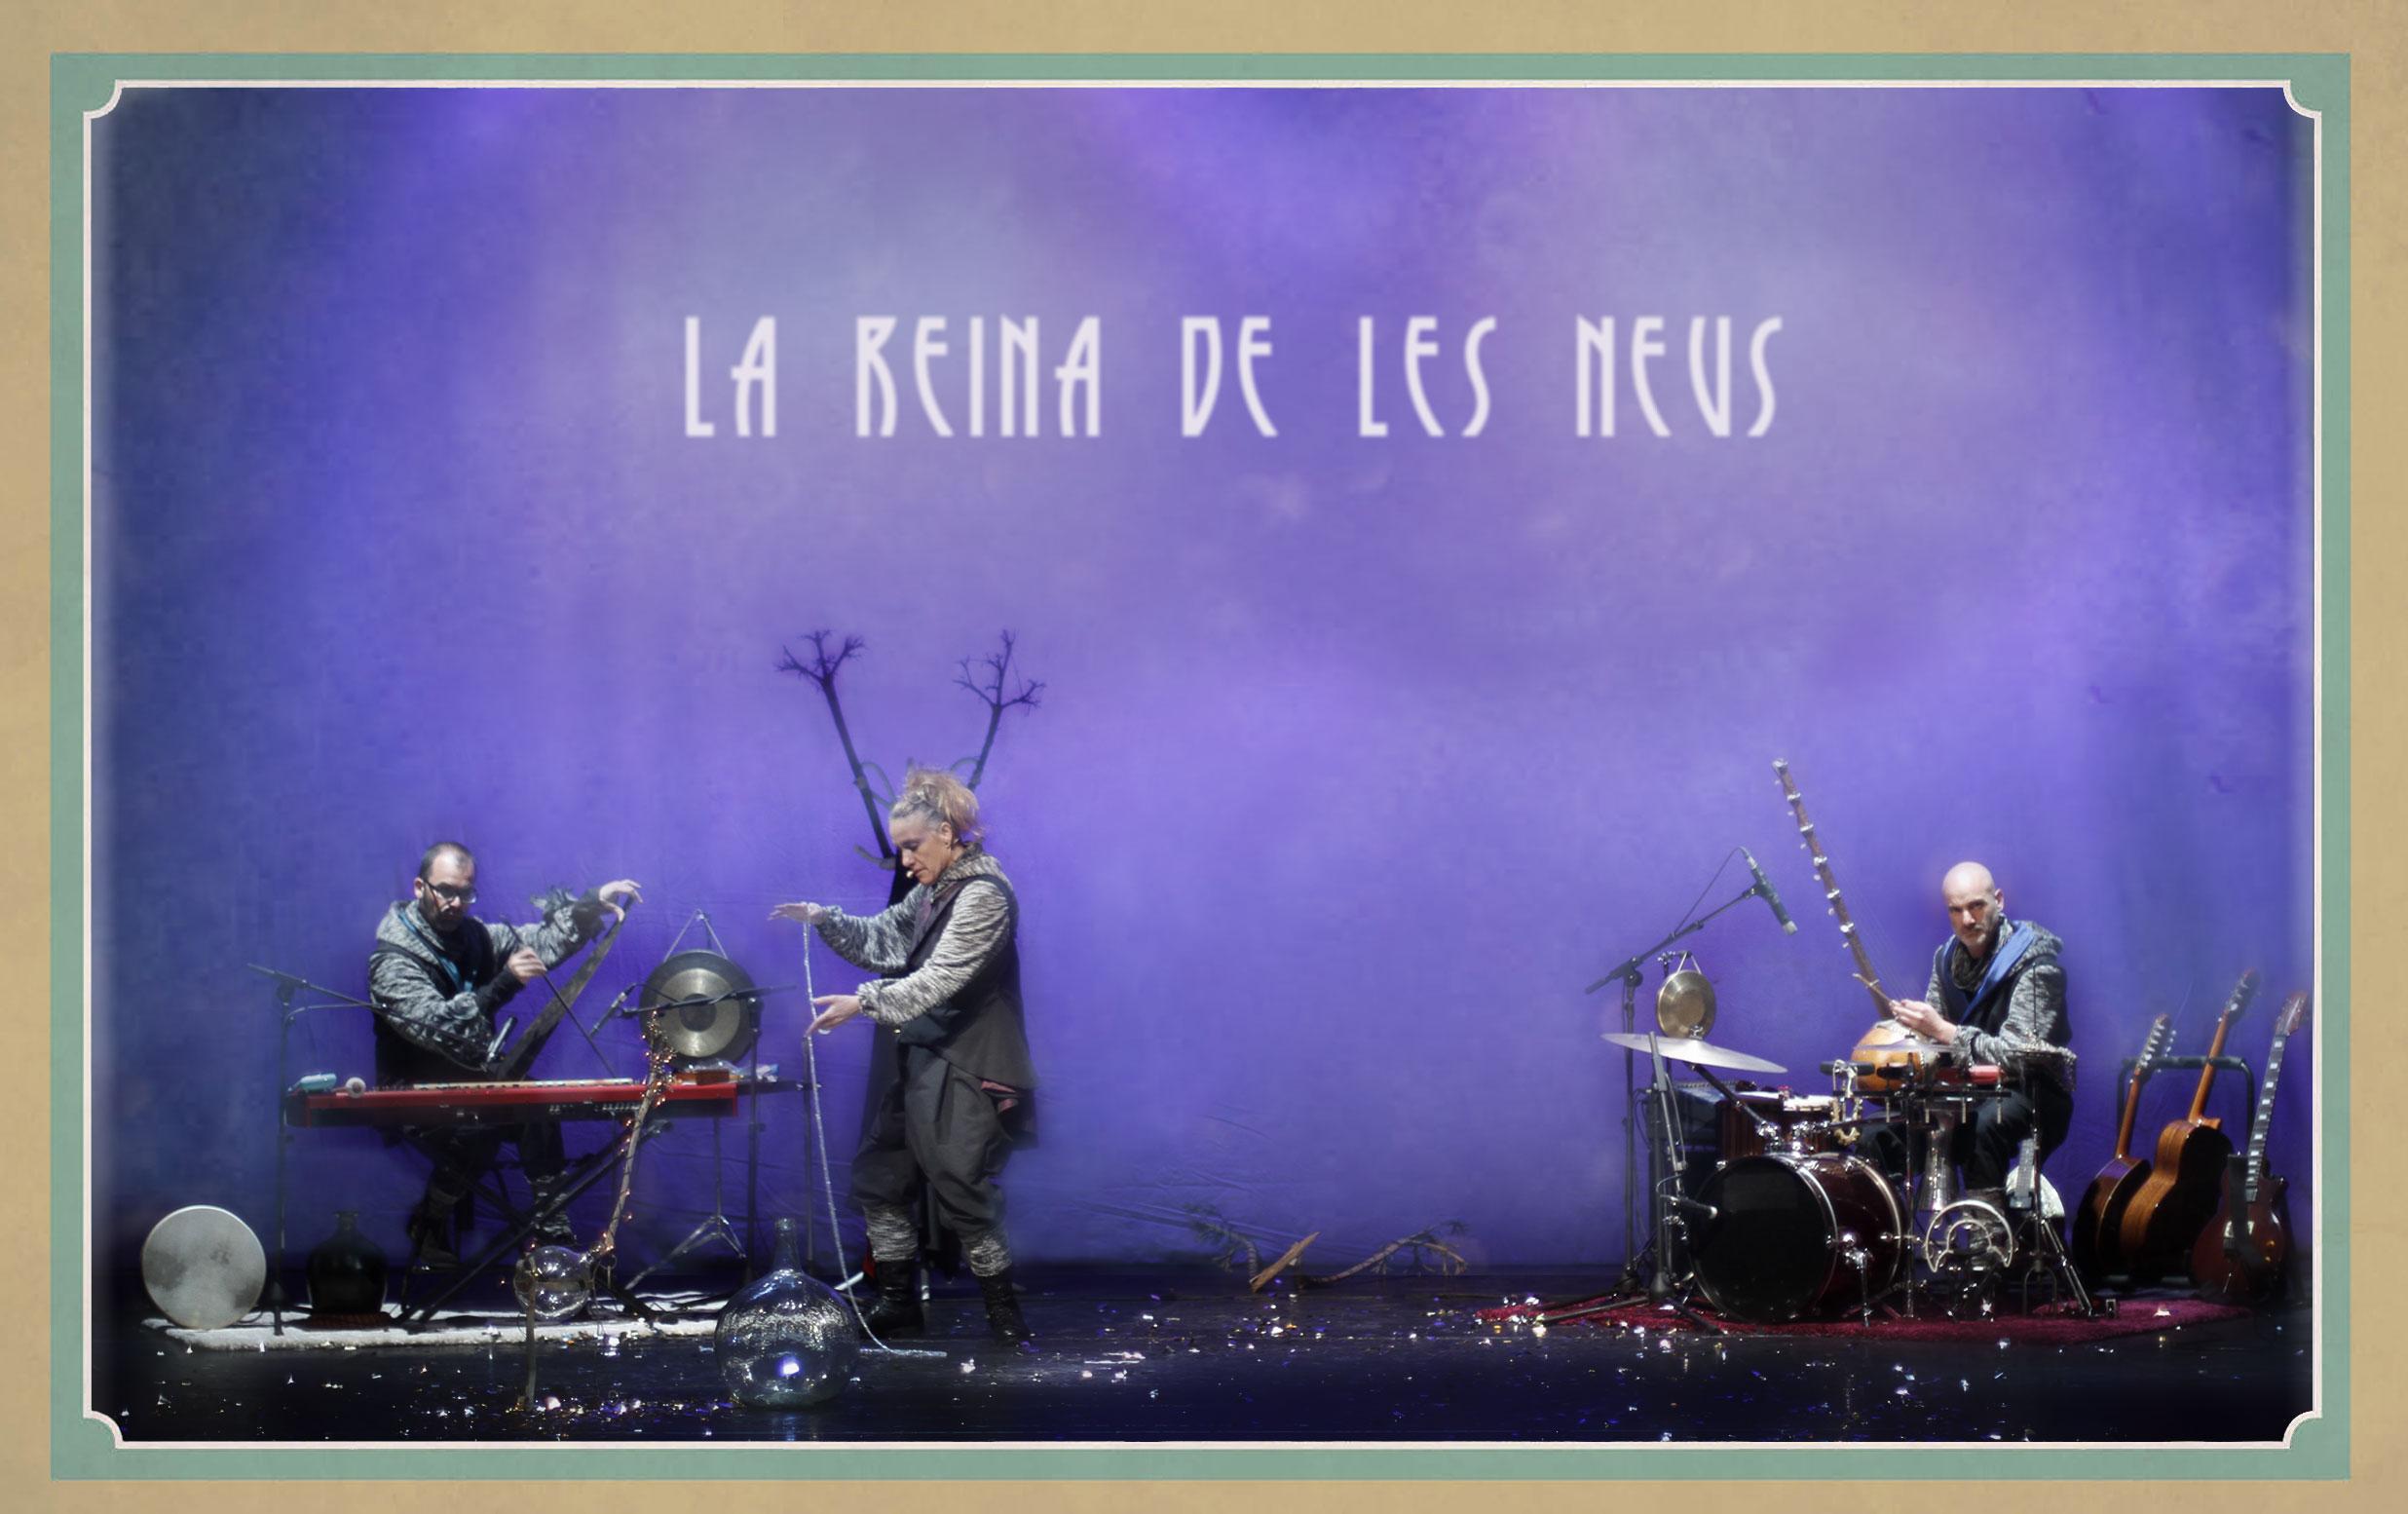 La Reina de les Neus, un musical familiar este fin de semana en Jove Teatre Regina